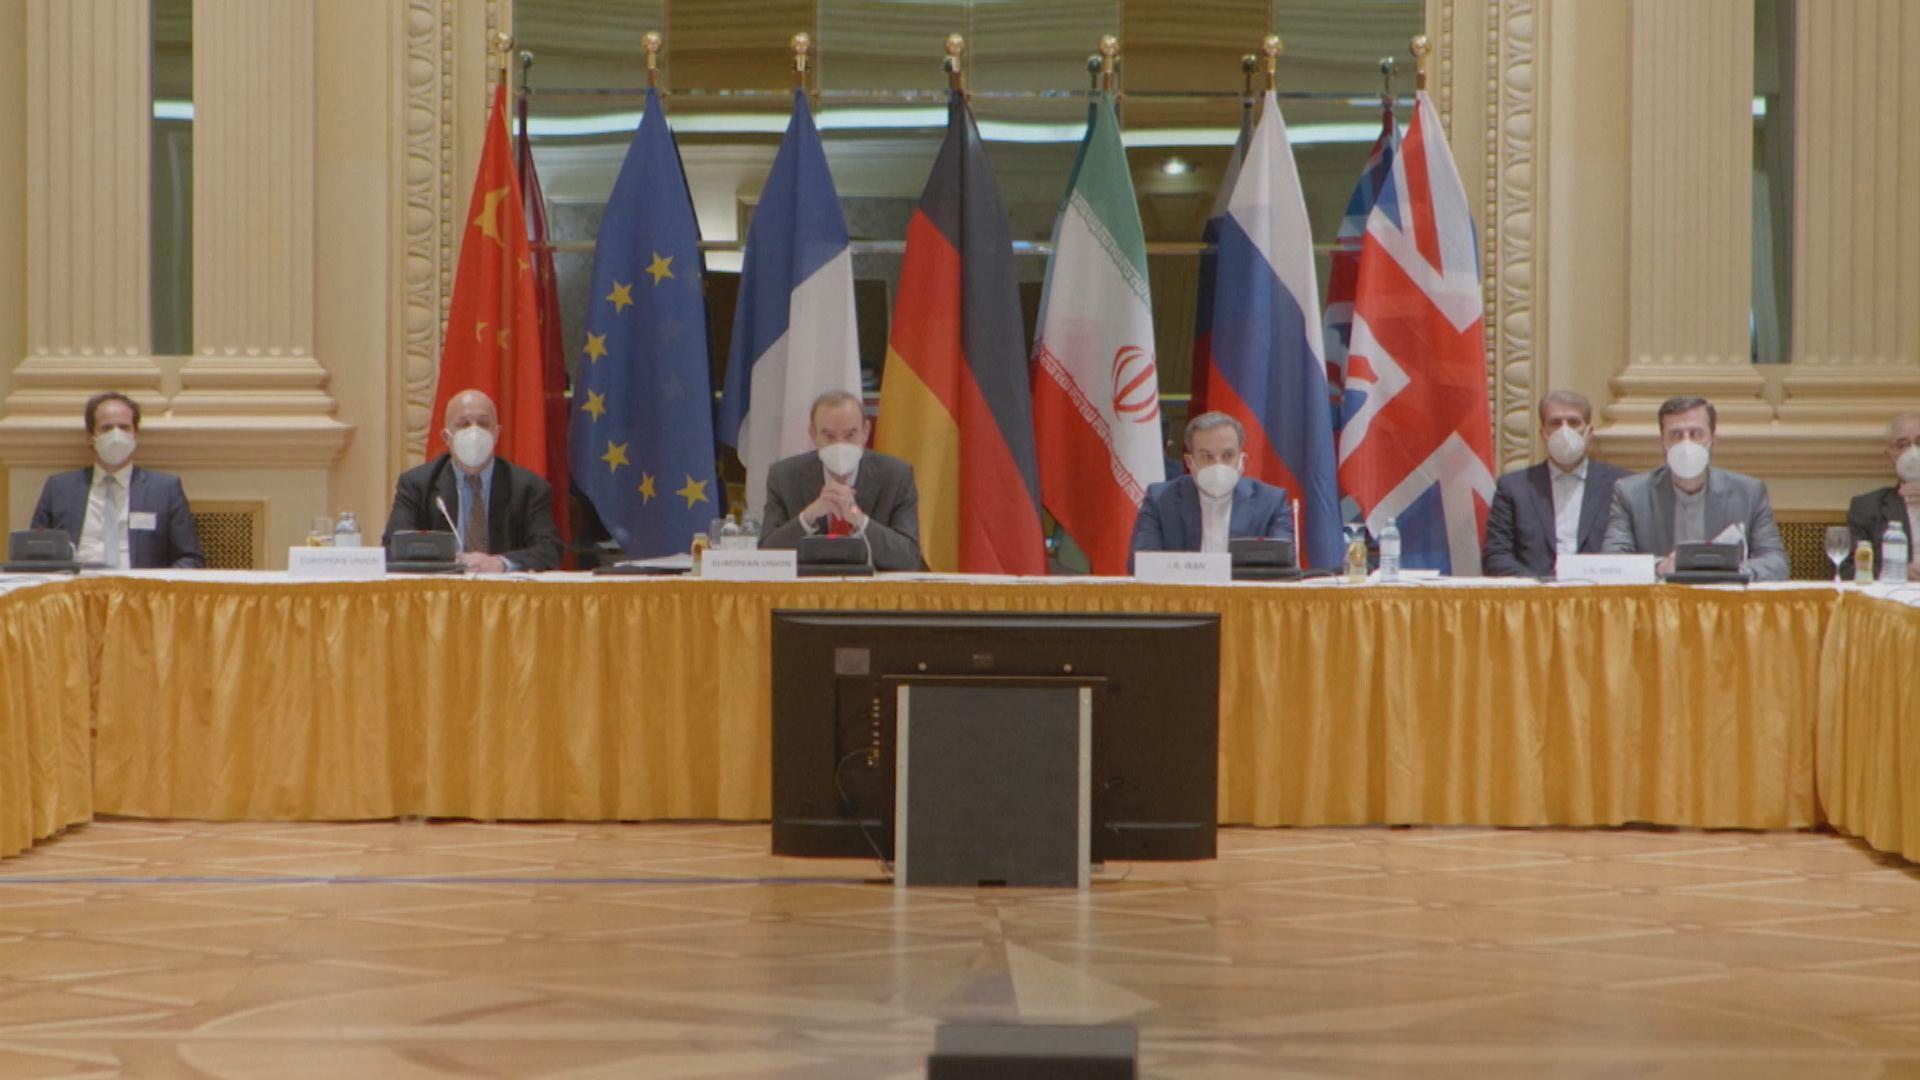 伊朗指美國解除制裁為重返核協議必要步驟